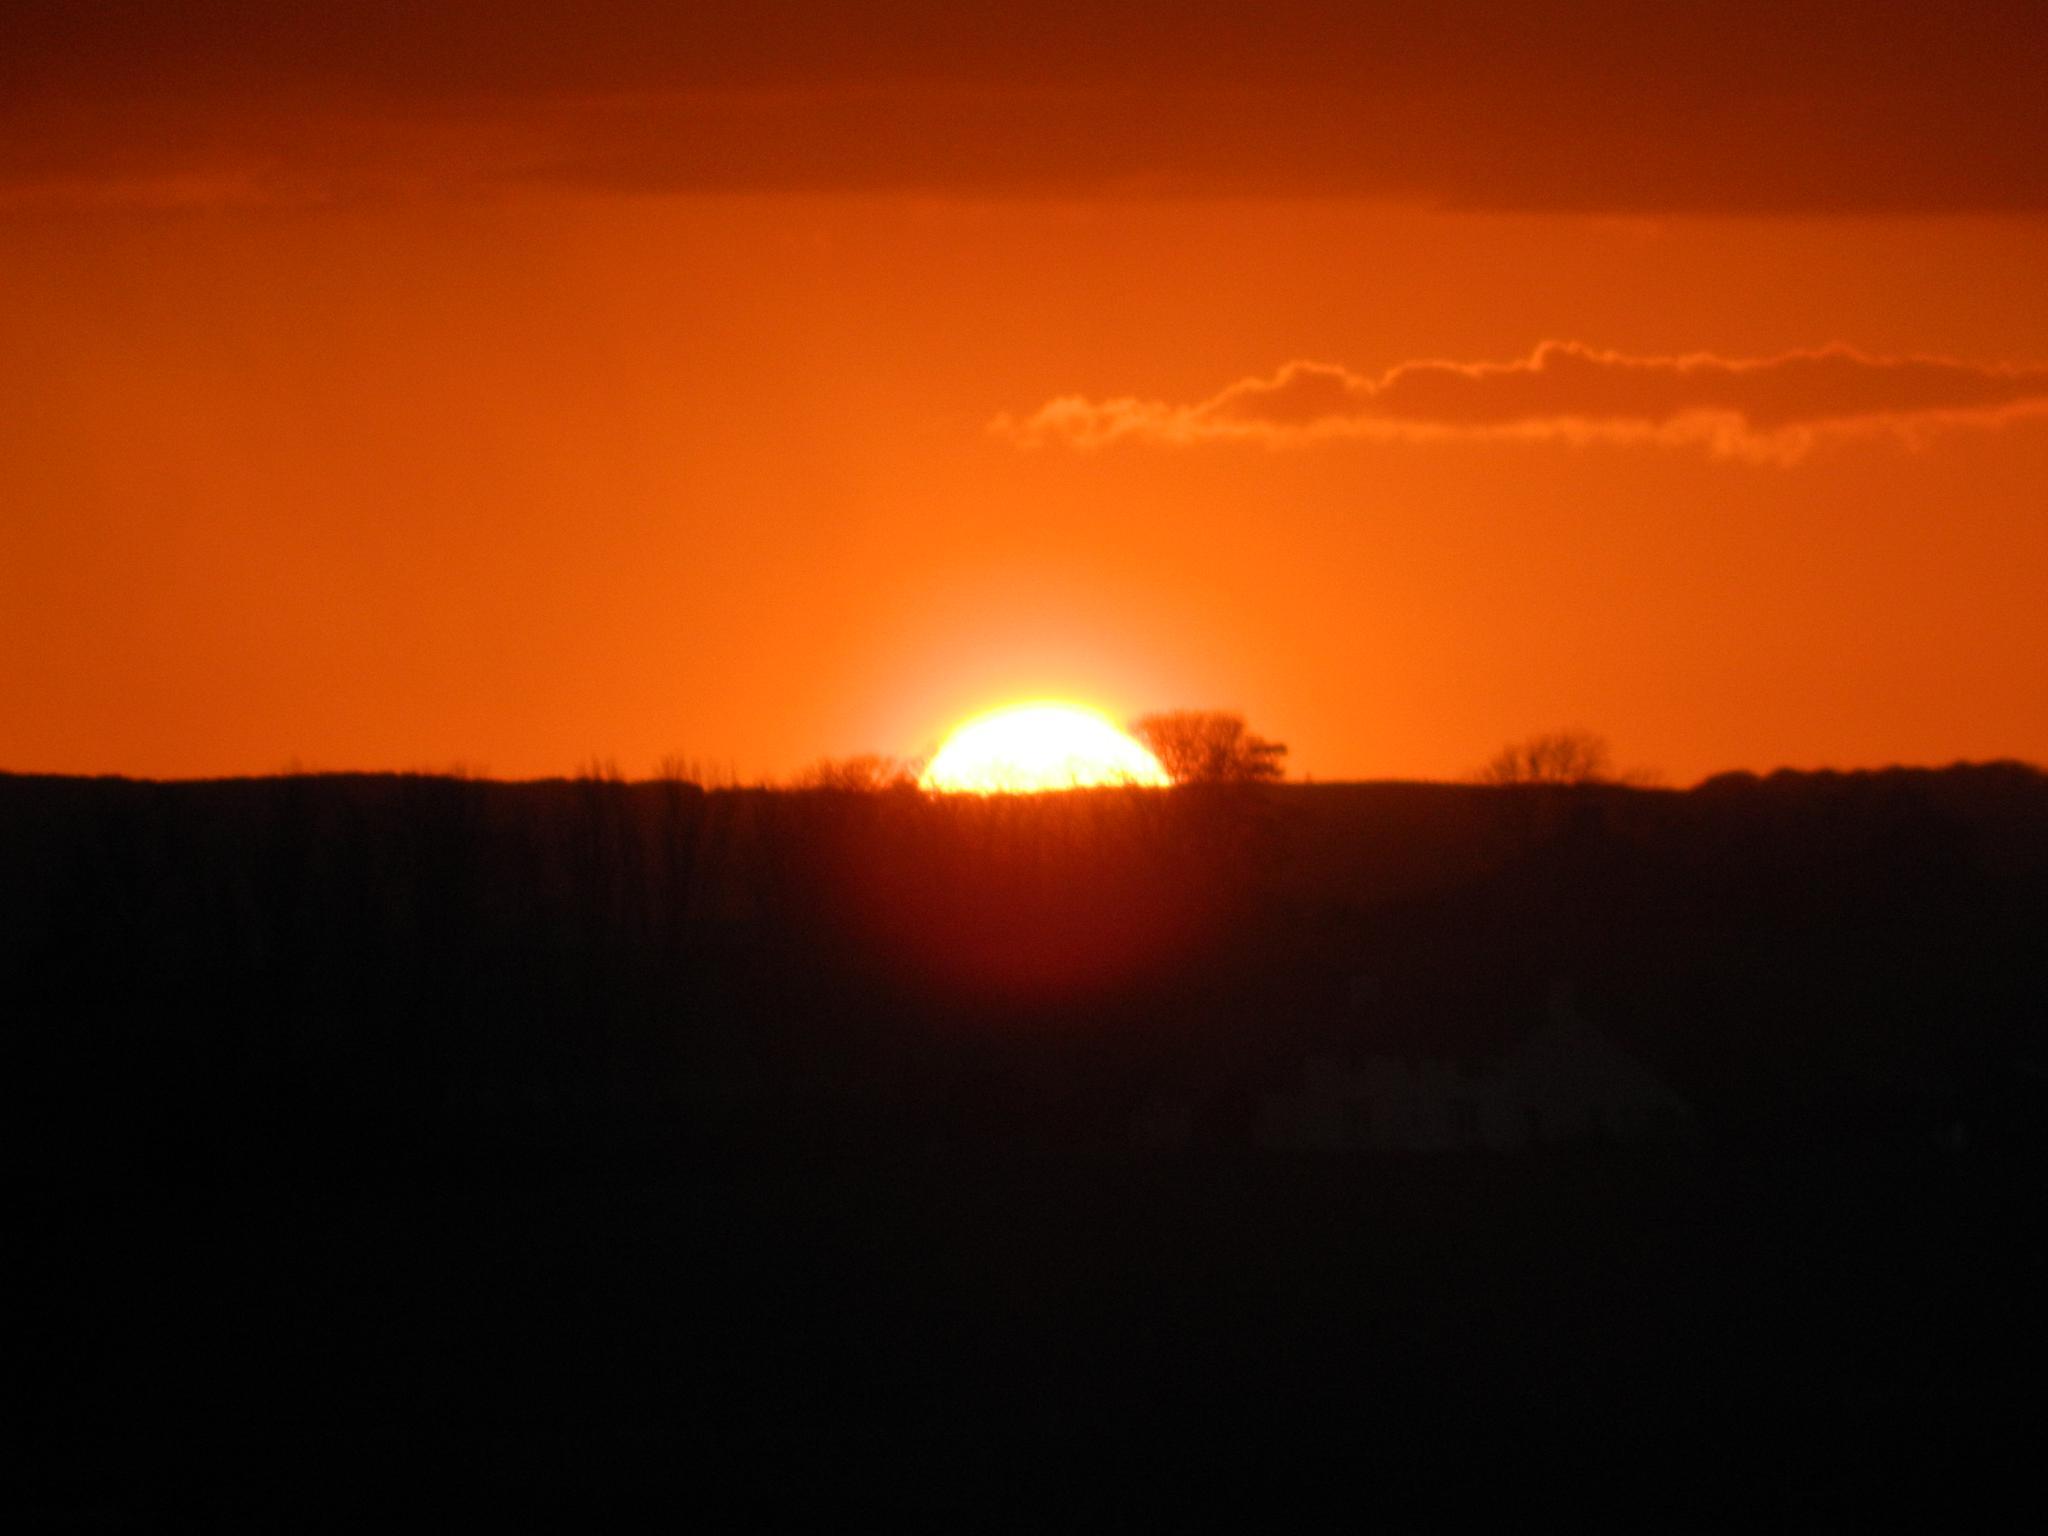 Sunset. by Scorpy